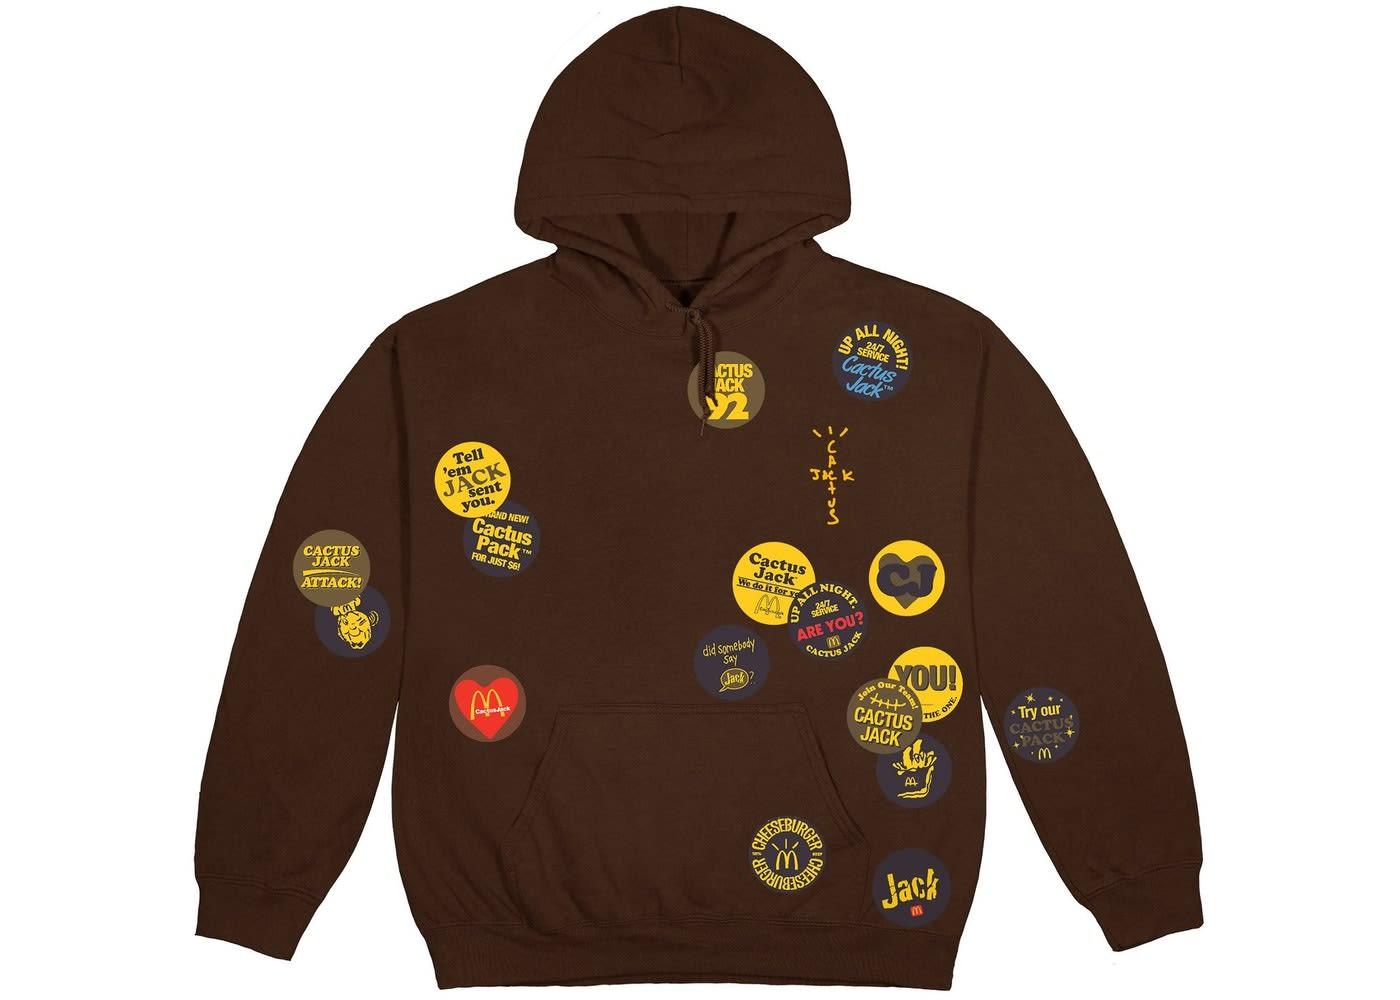 Travis Scott x McDonald's Sticker Bomb Hoodie